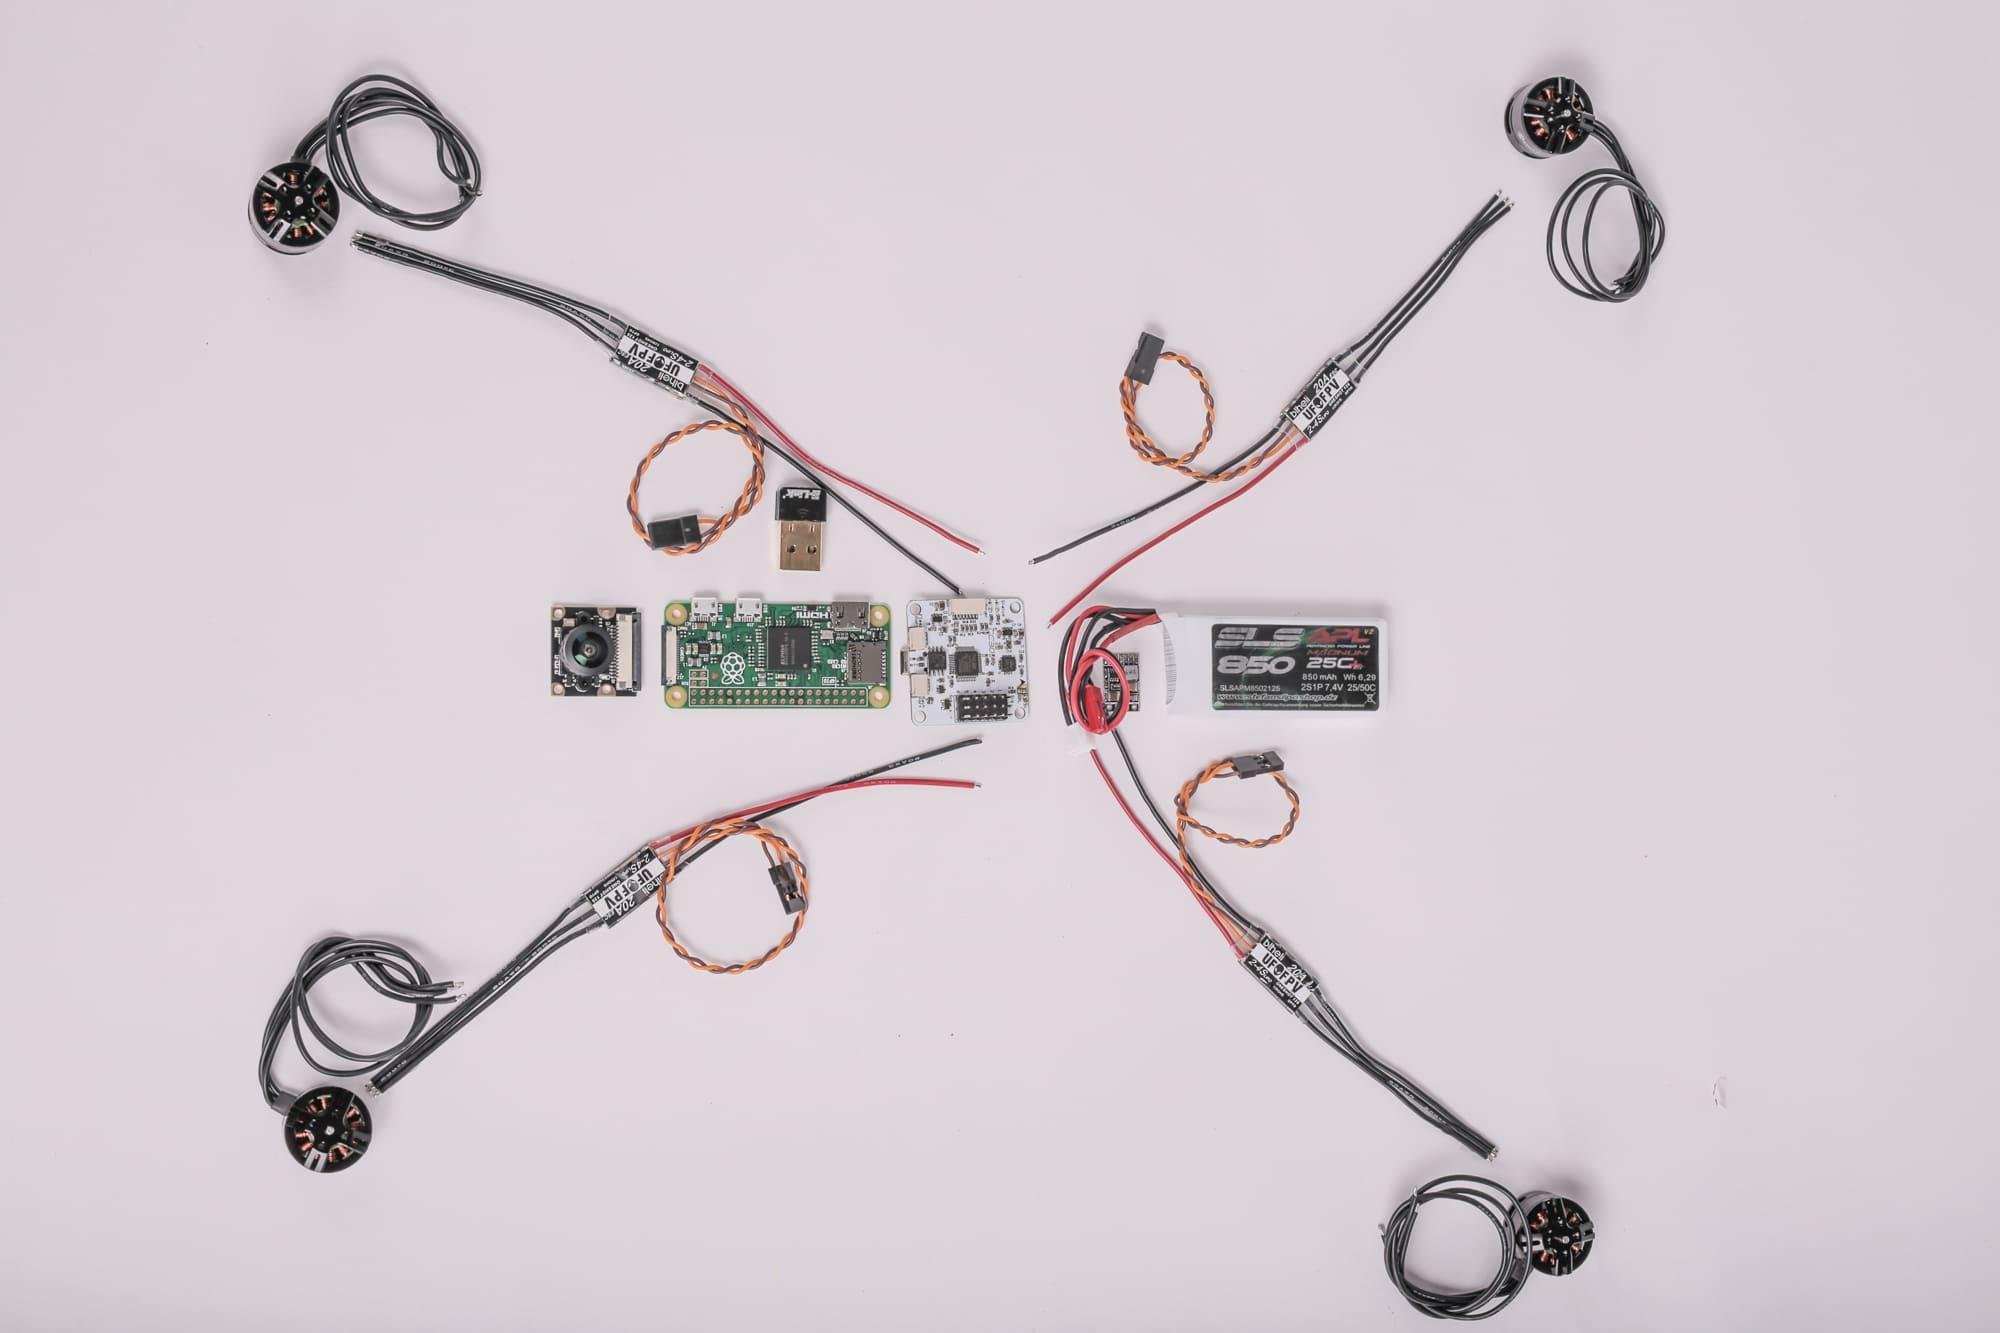 Wifree Copter Aufbauanleitung Open Diy Projects Openpilot Controller Wiring Diagram Hier Seht Ihr Die Motoren Motor Regler Der Cc3d Ein 5v Dc Wandler Den Rasp Zerro Cam Wlan Stick Und Flug Akku